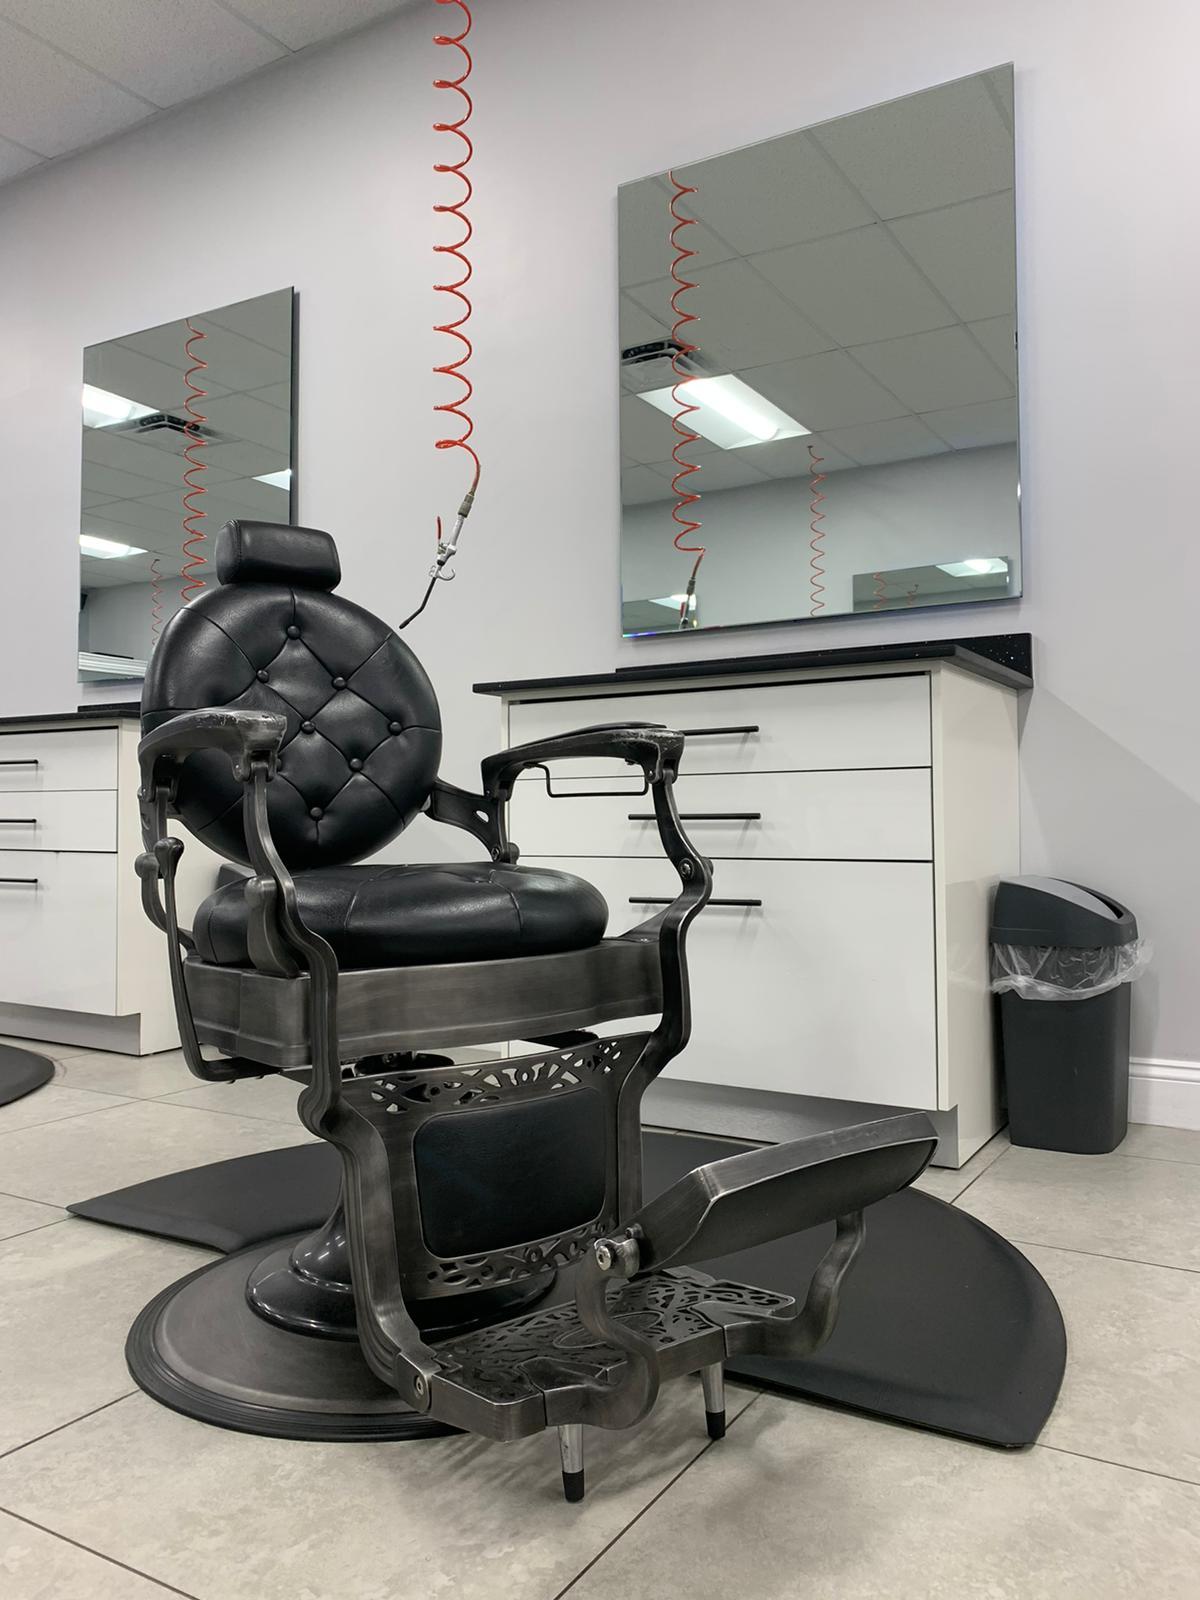 Barbershop-chair